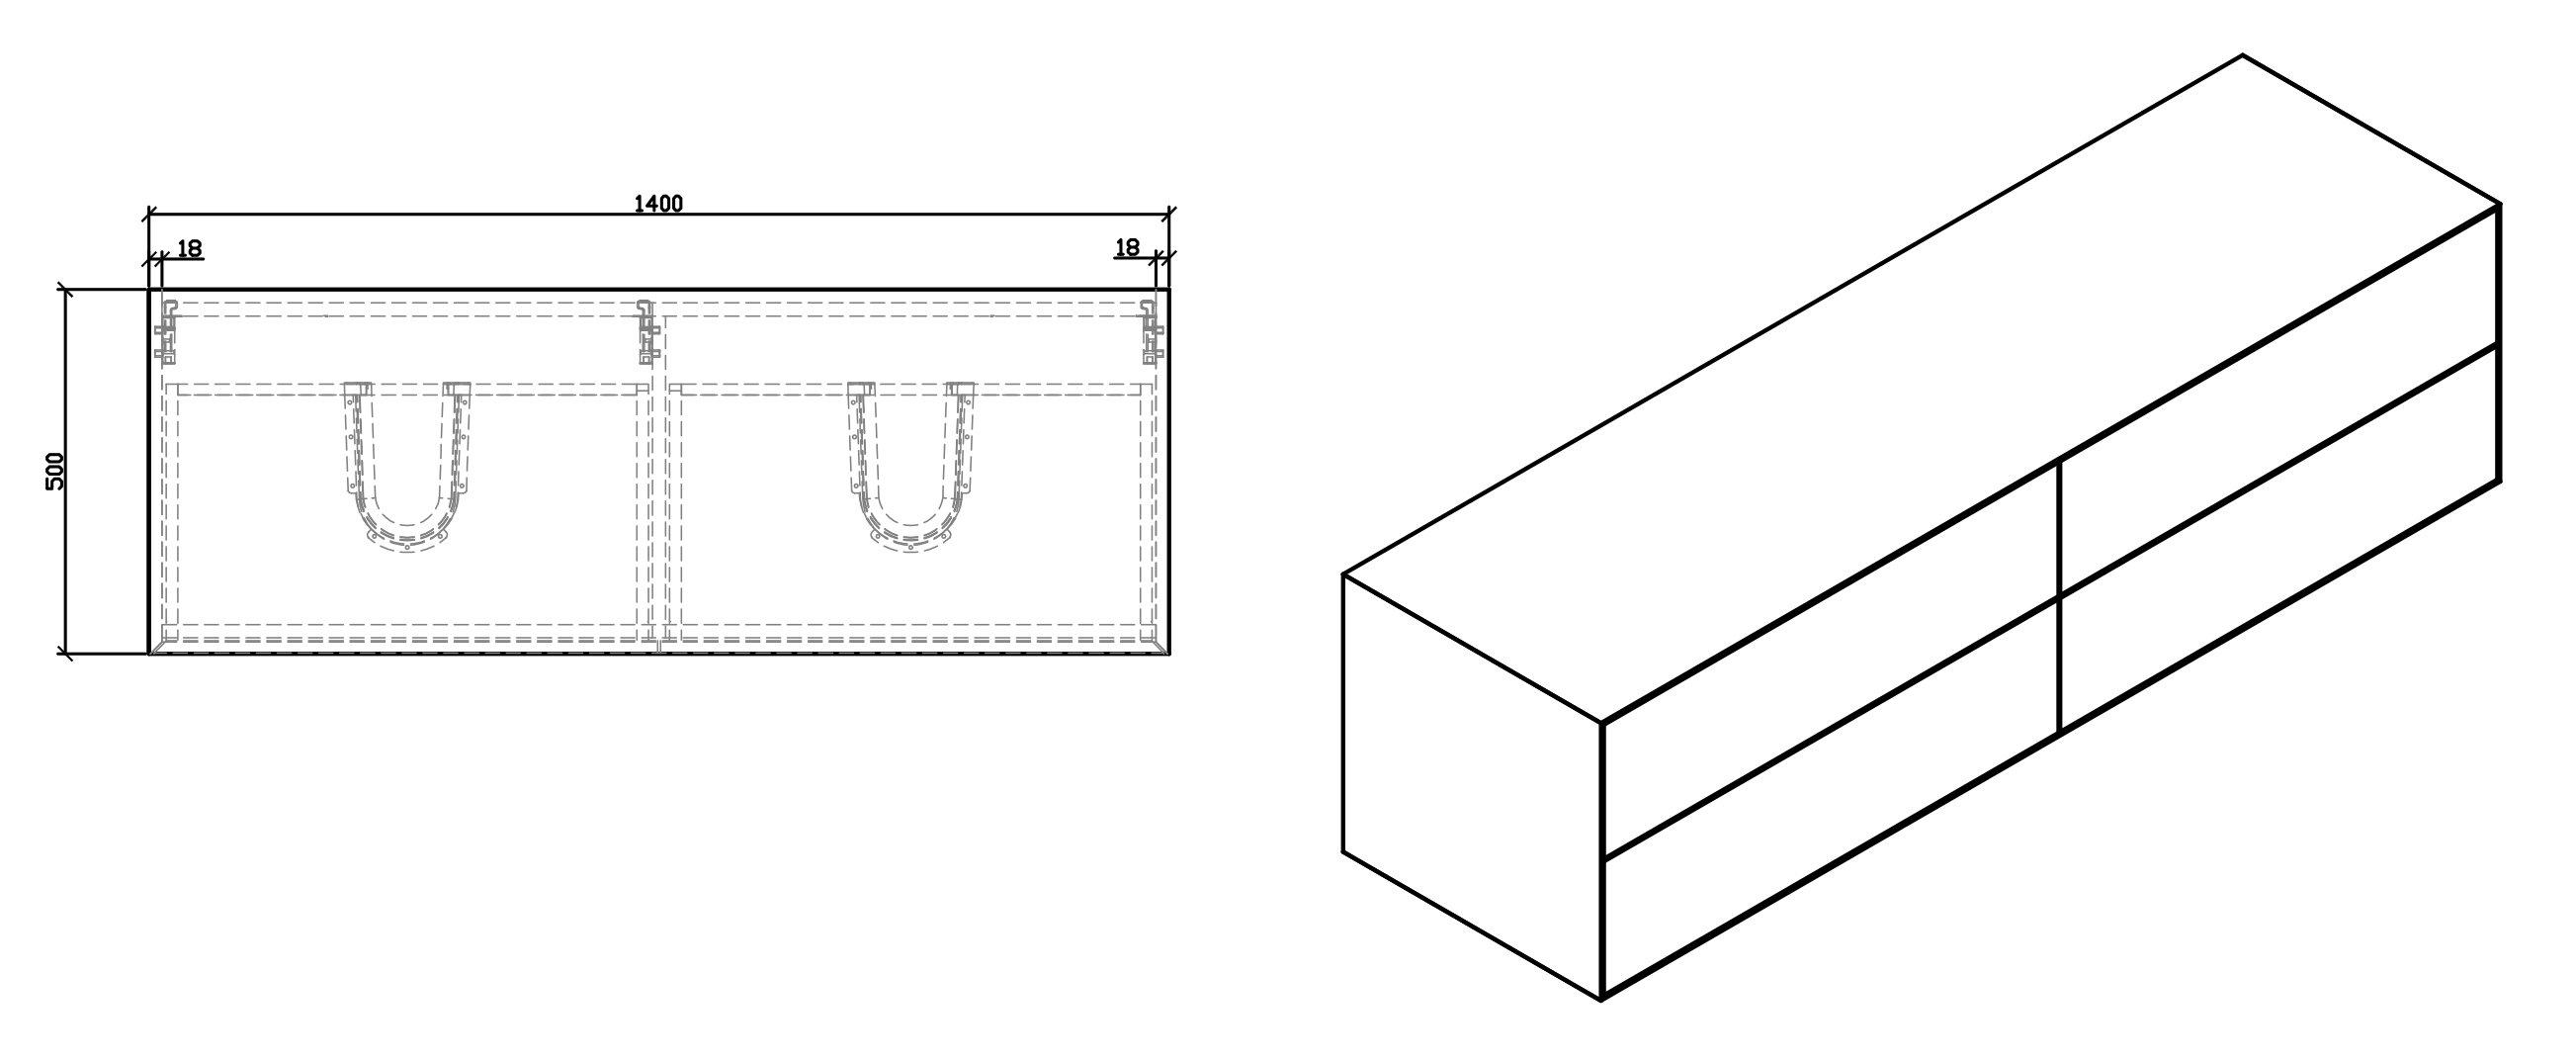 Badmöbel Milou 1400 Weiß matt - Spiegel und Aufsatzwaschbecken optional zoom thumbnail 4